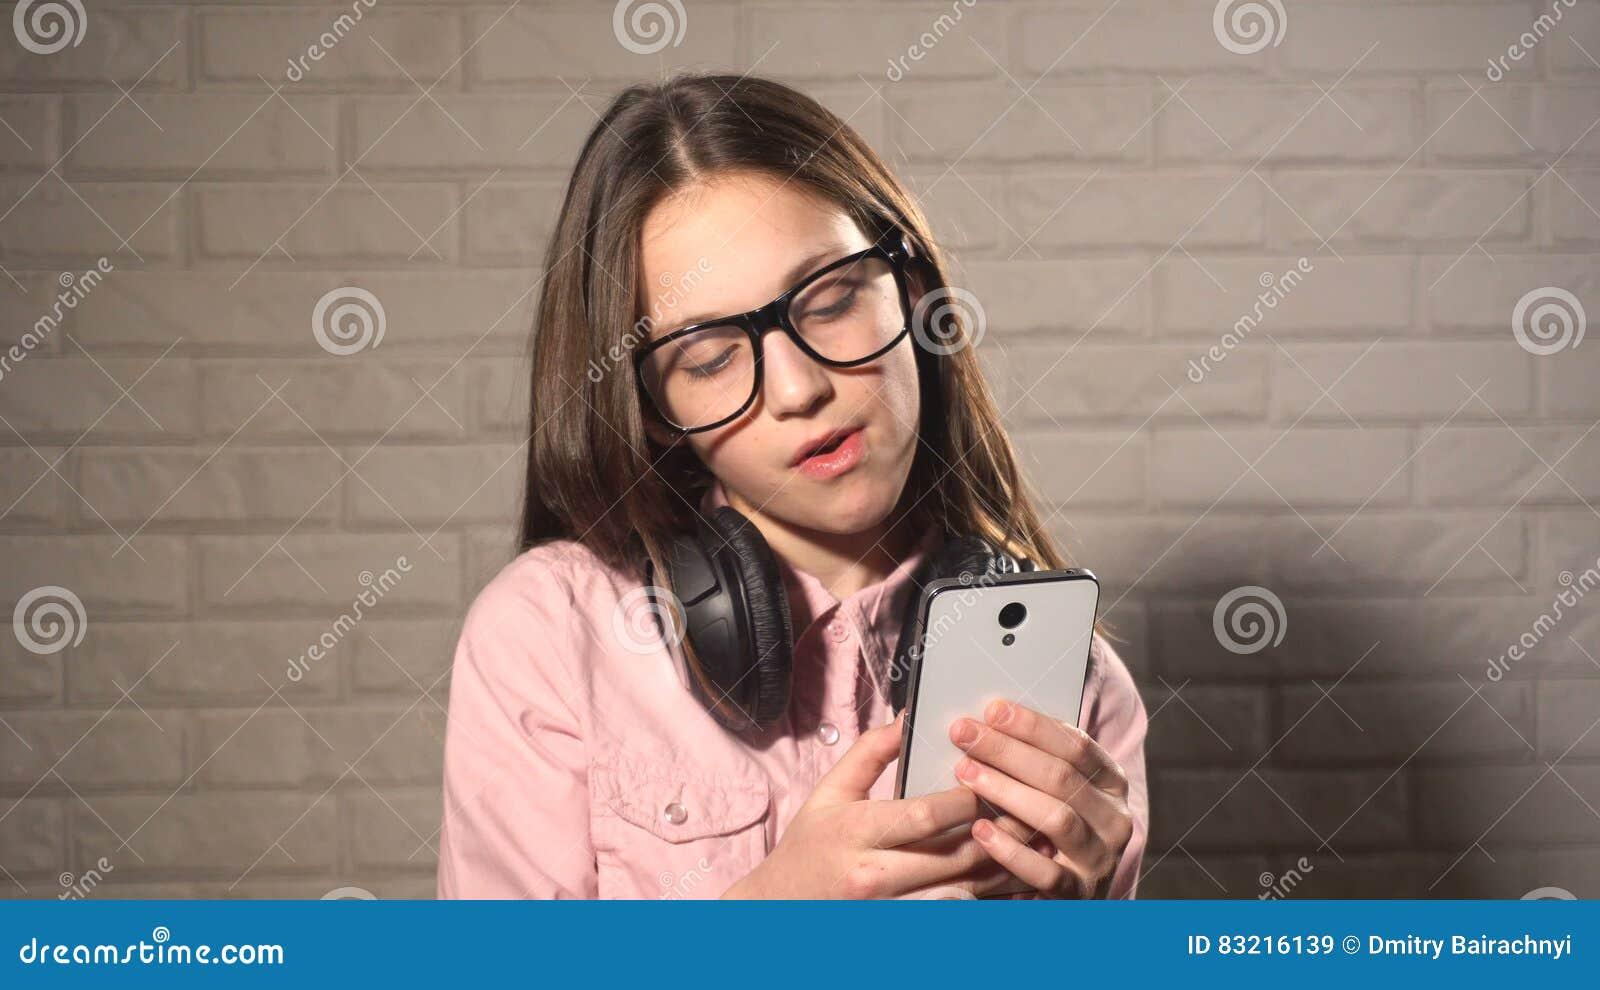 Teen girl messages